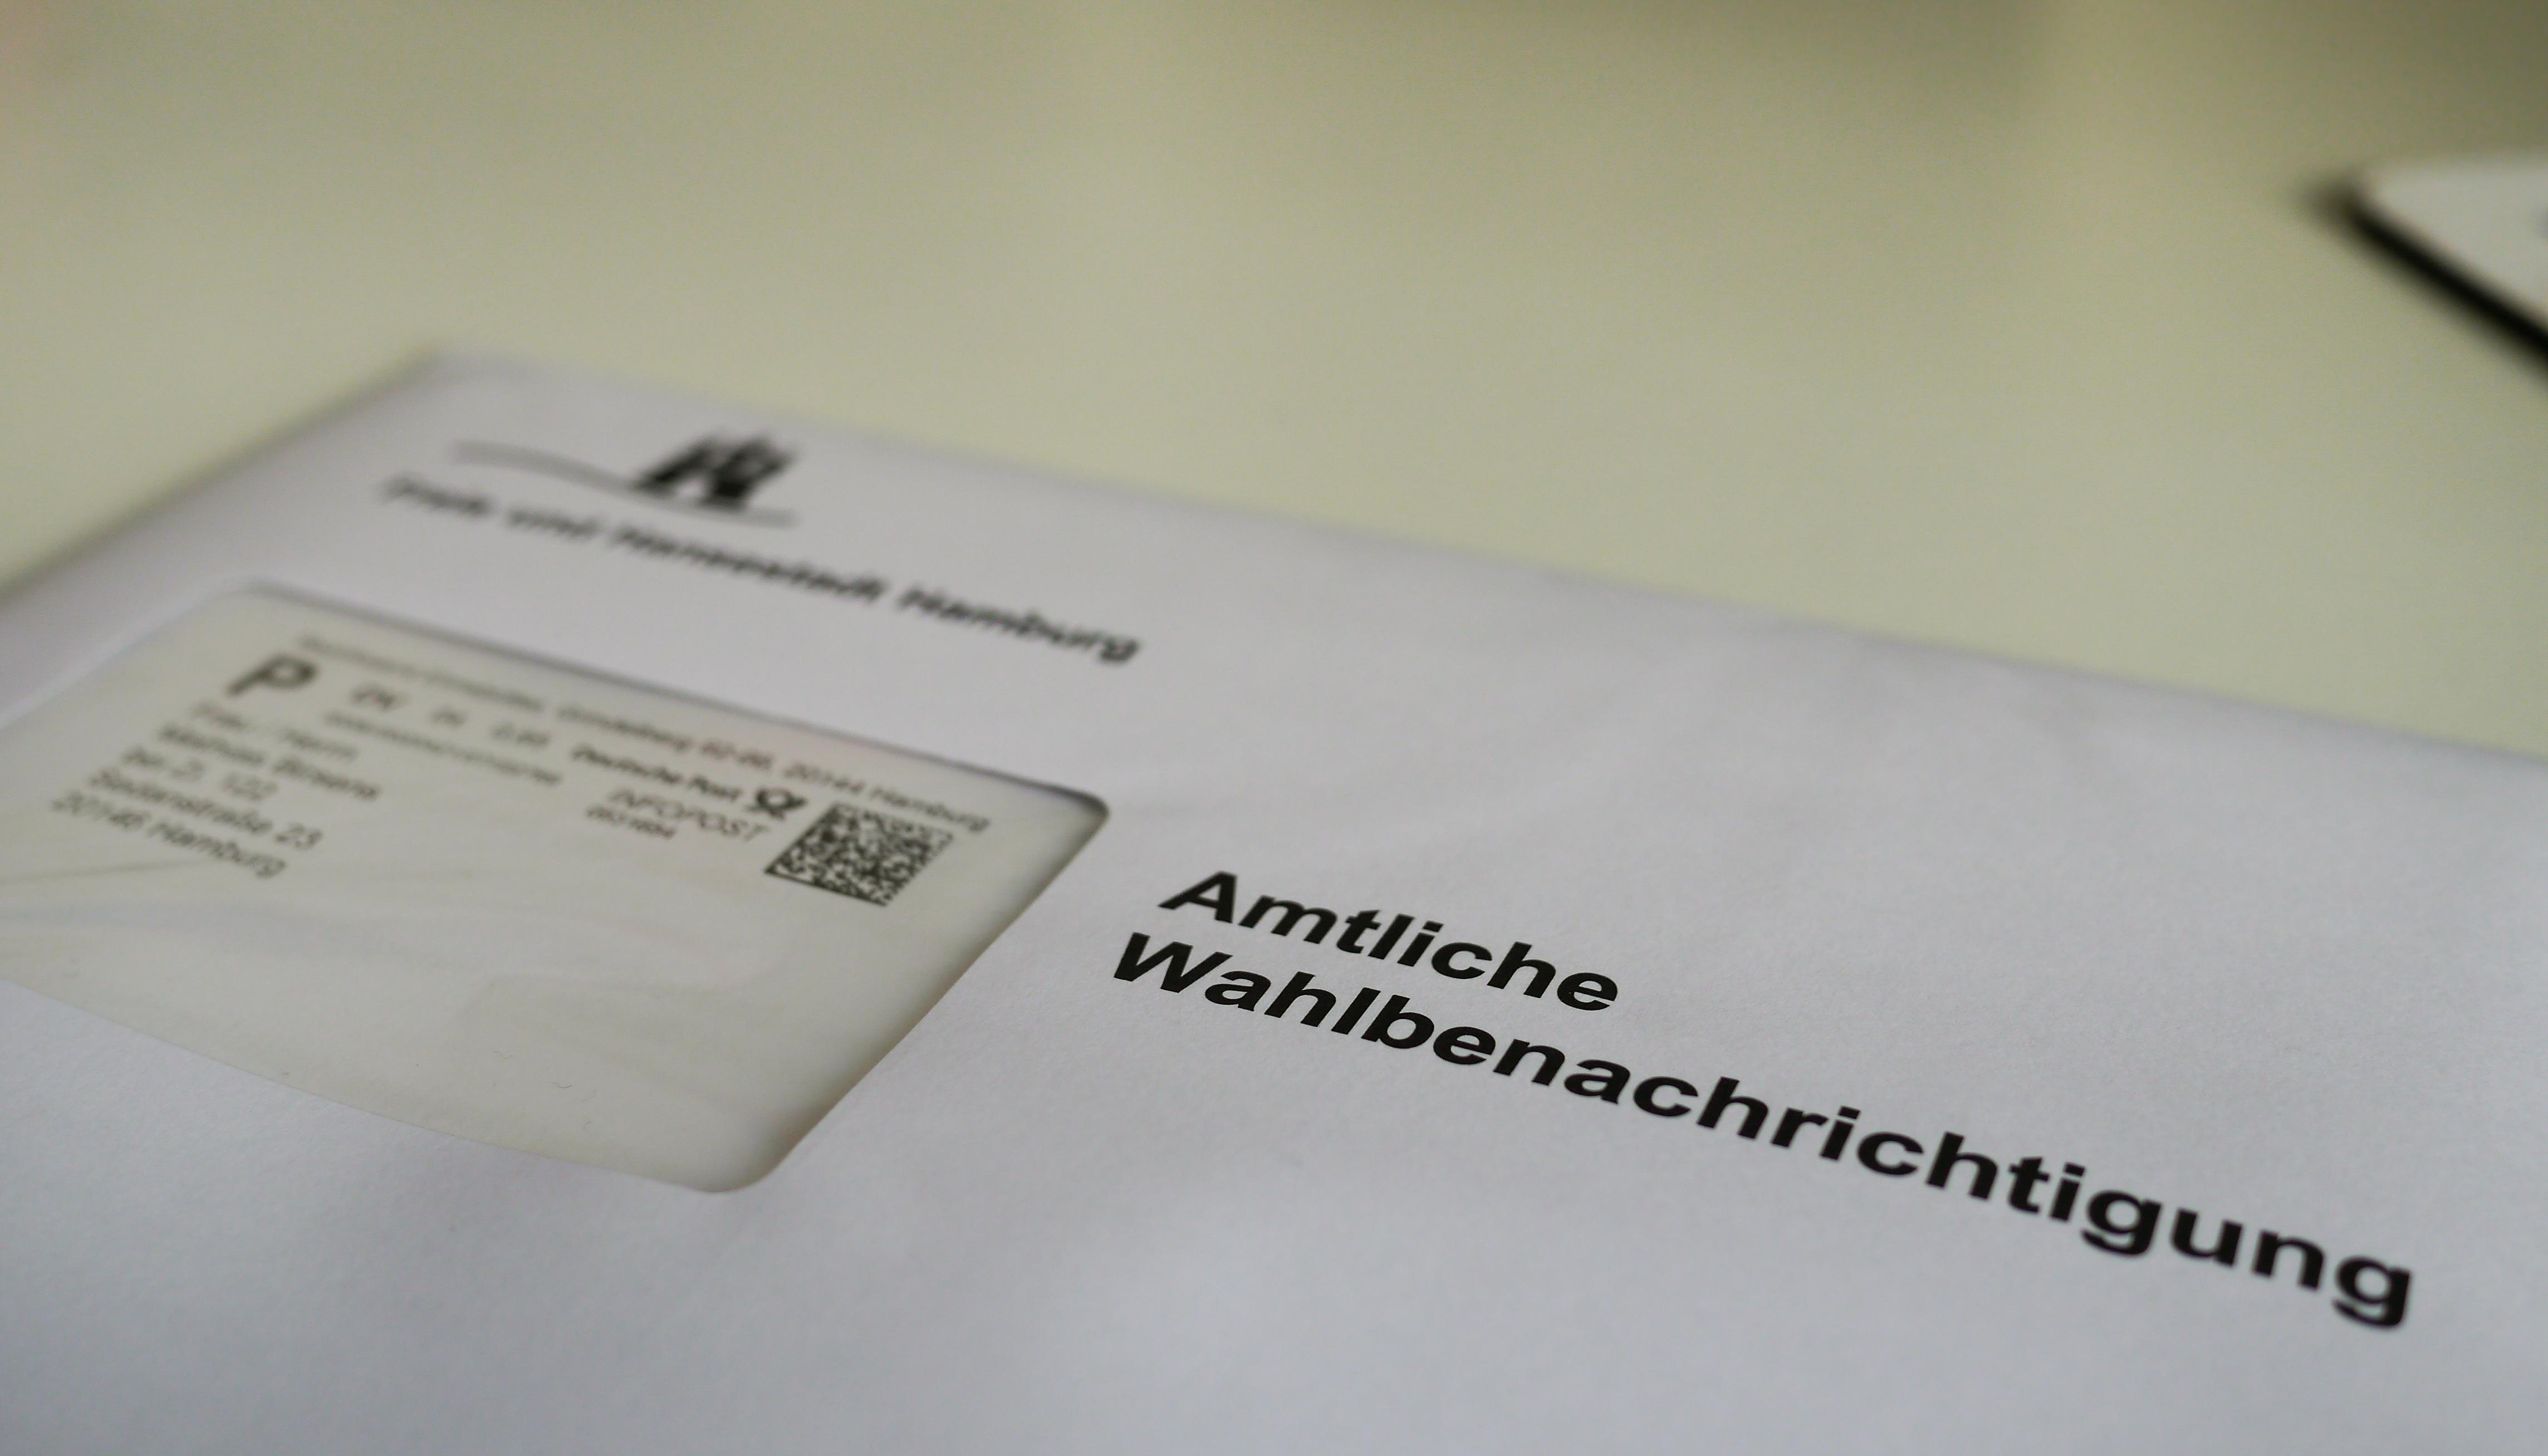 Wahlbenachrichtigung_ohne_Wasserzeichen_Foto_Mathias_Birsens (1)